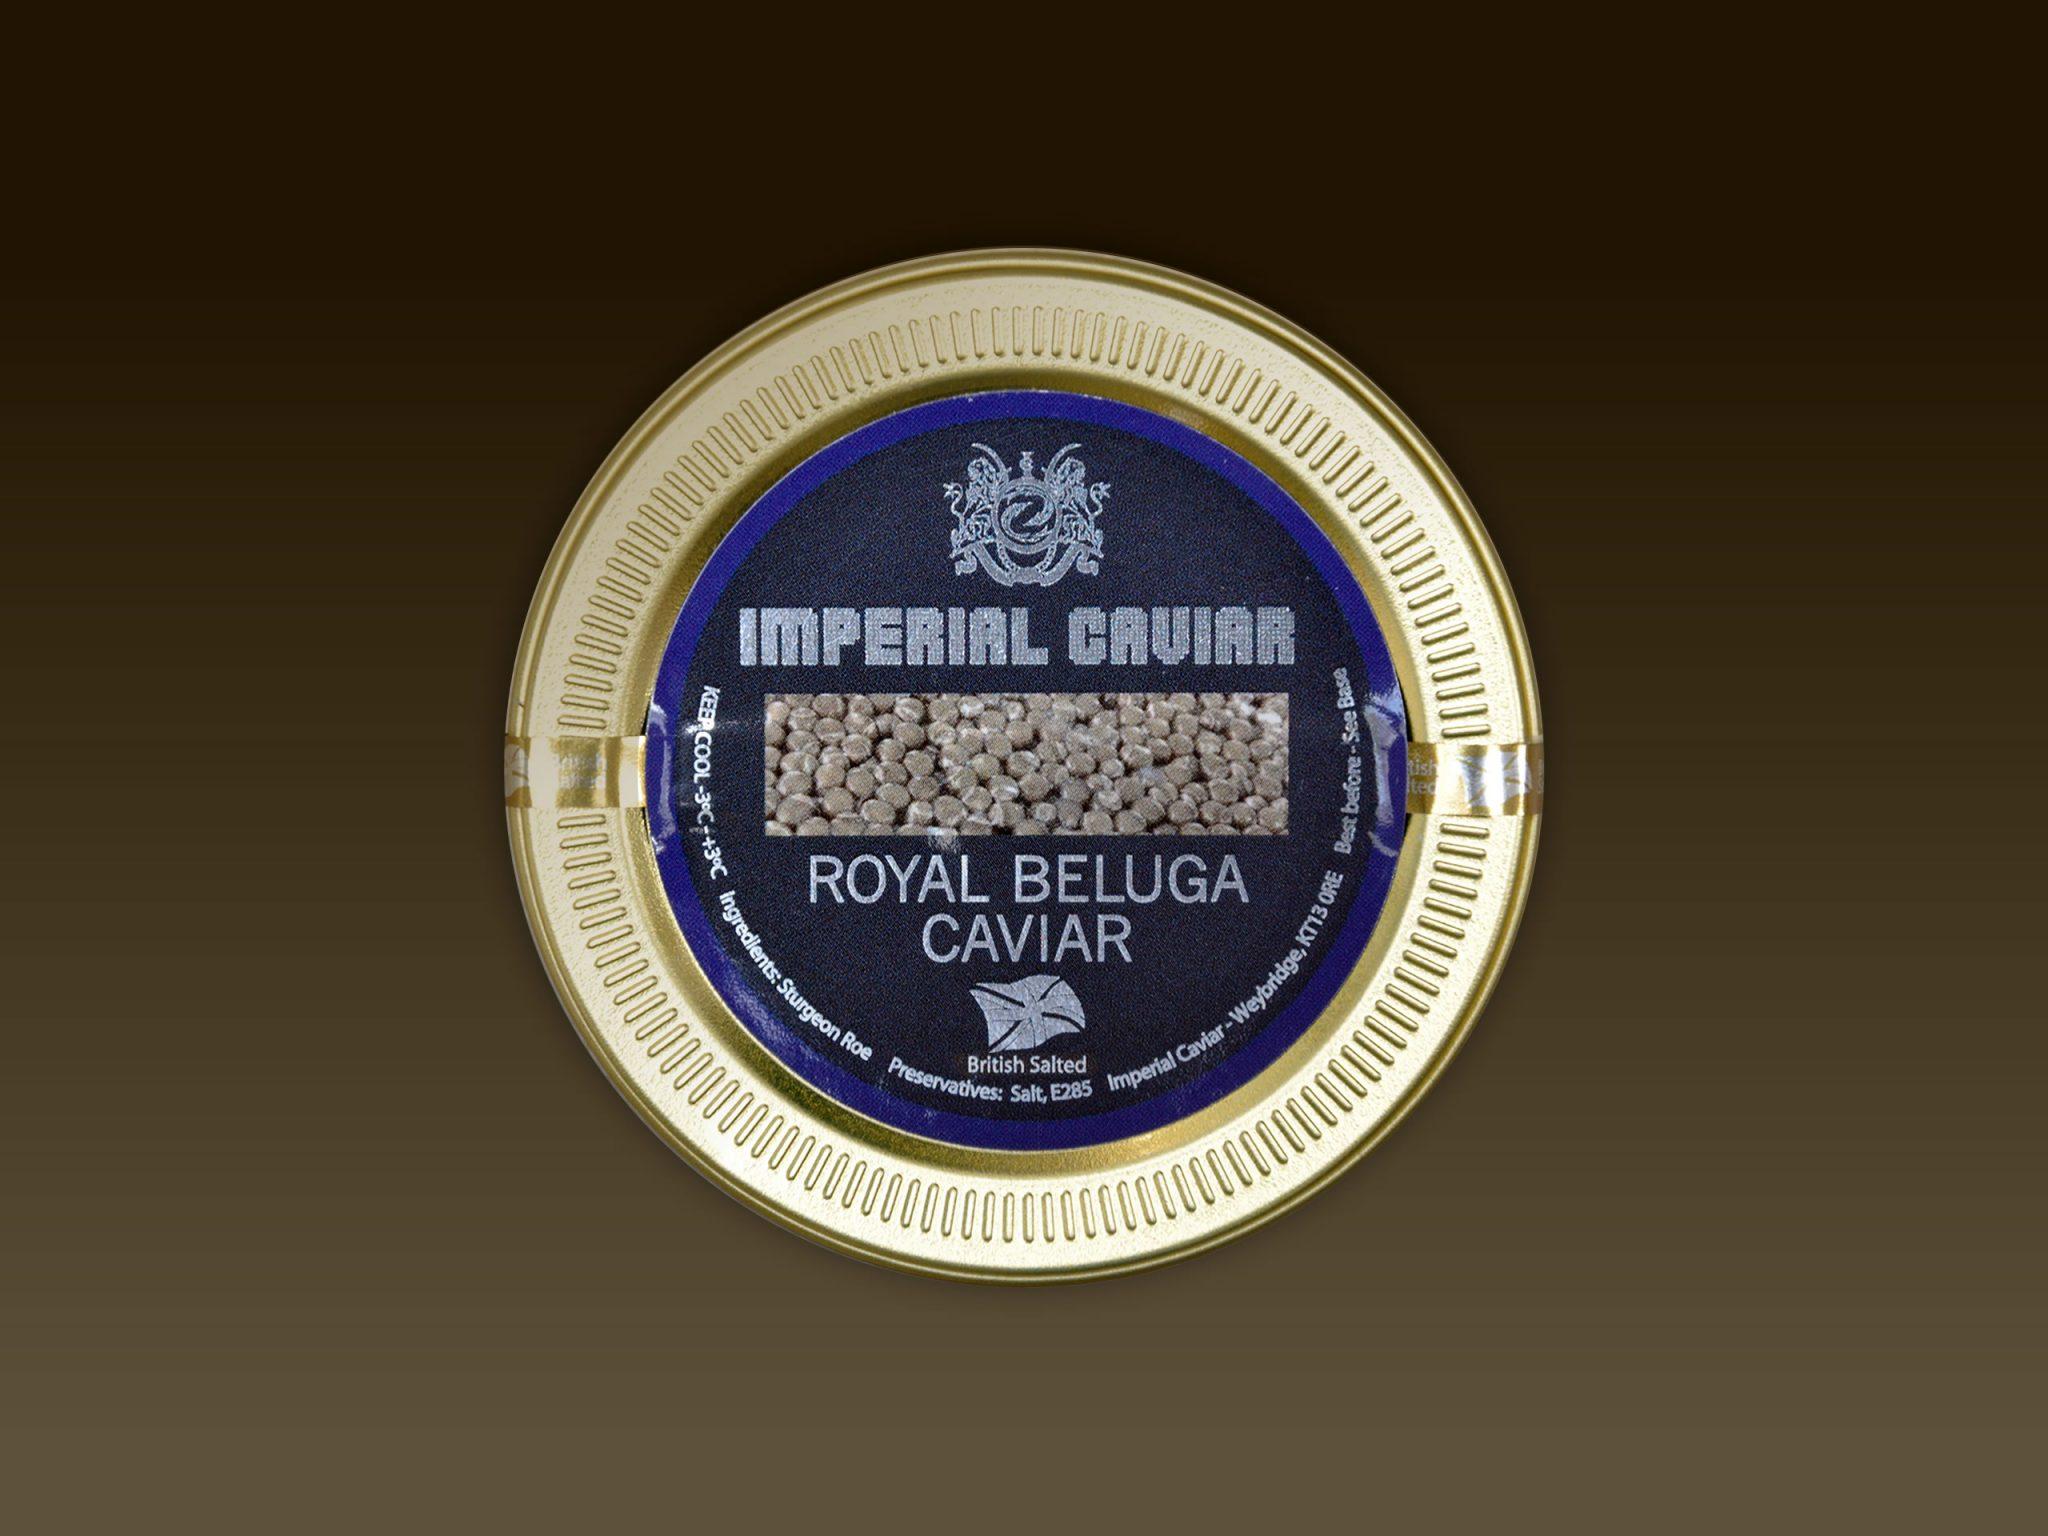 Royal Beluga Caviar